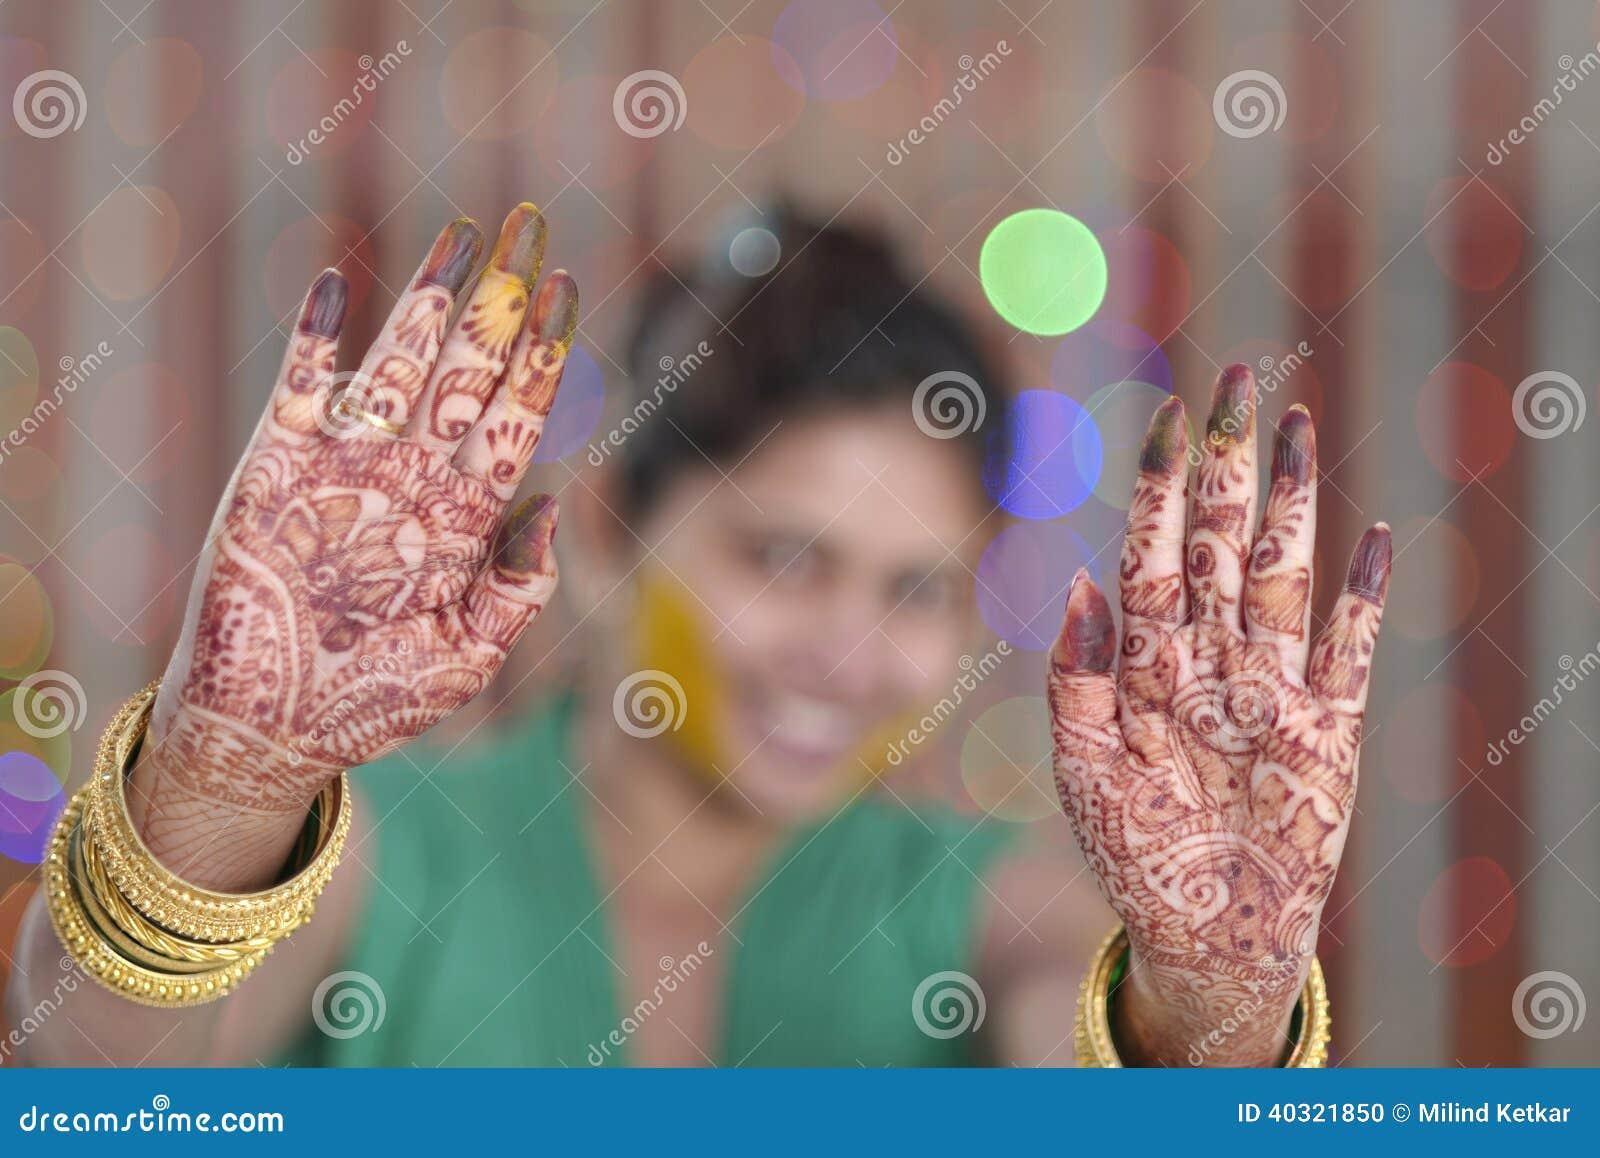 Jeune mariée indoue indienne montrant le henné sur ses paumes.